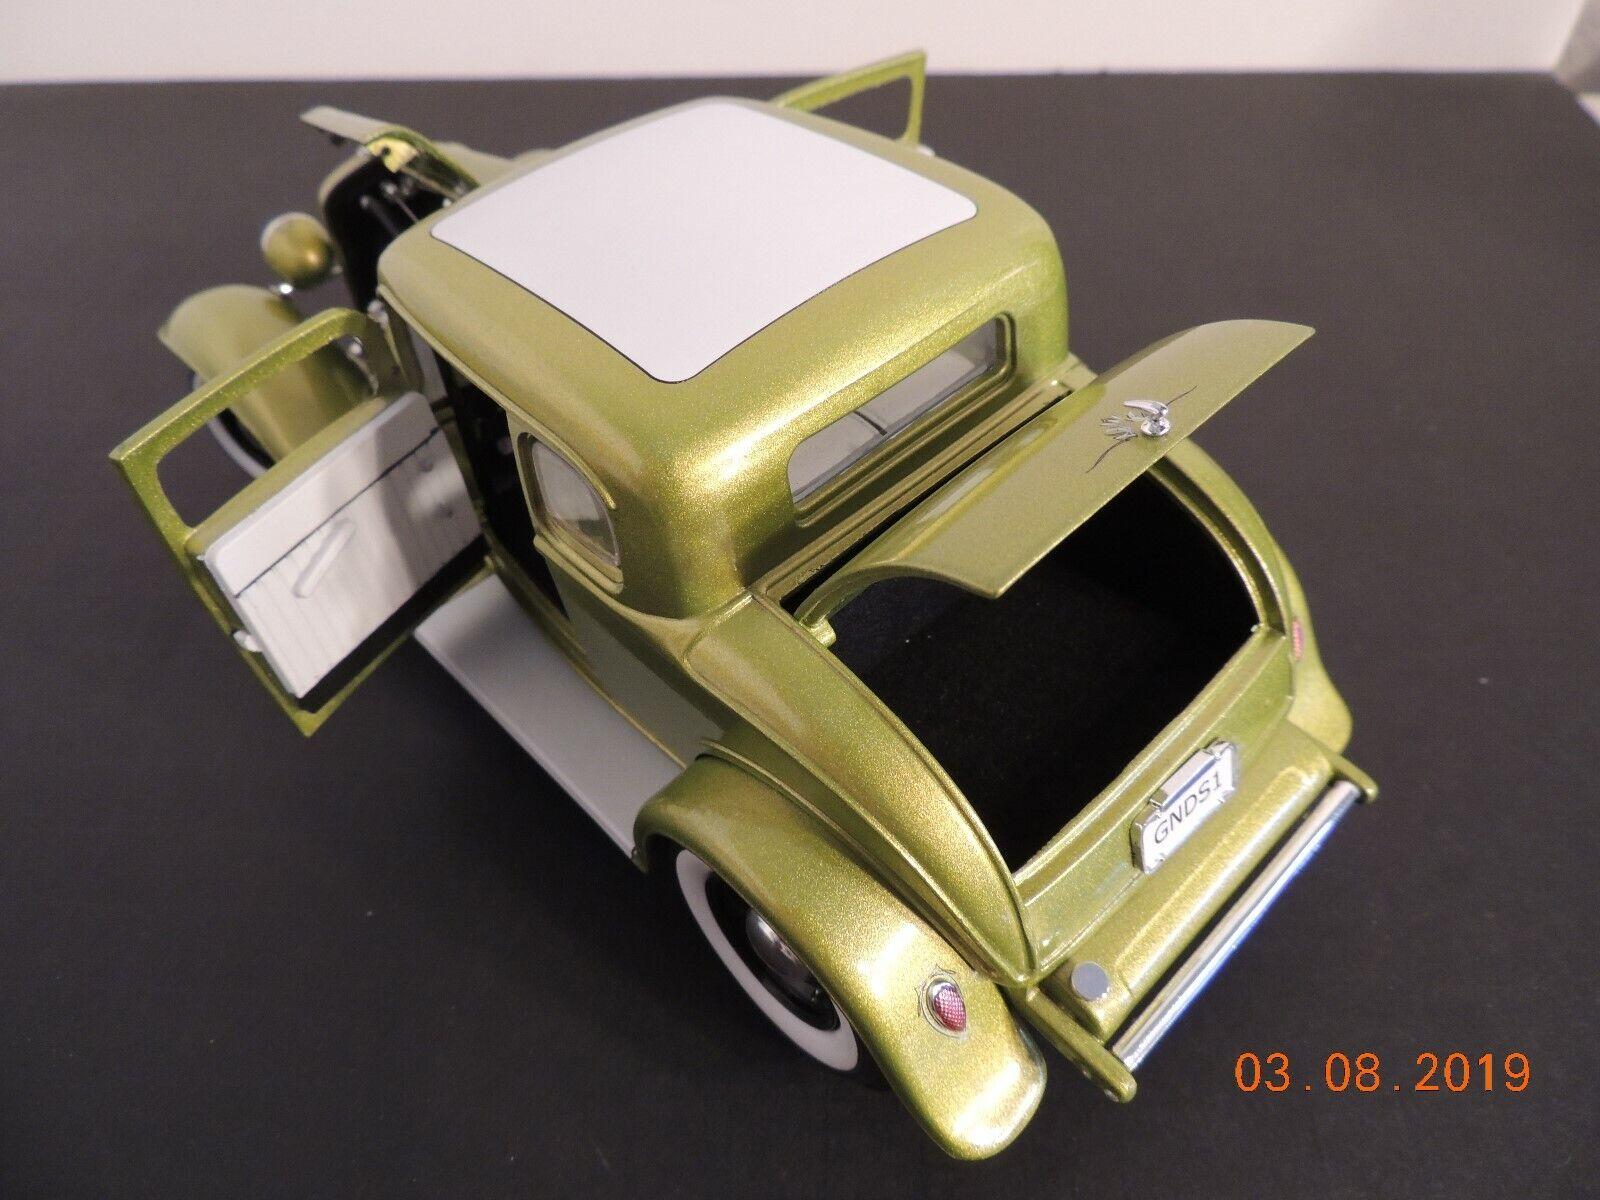 Acme 1 18 escala , Grand National Deuce serie  5 Ventana Coupe, versión no. 1